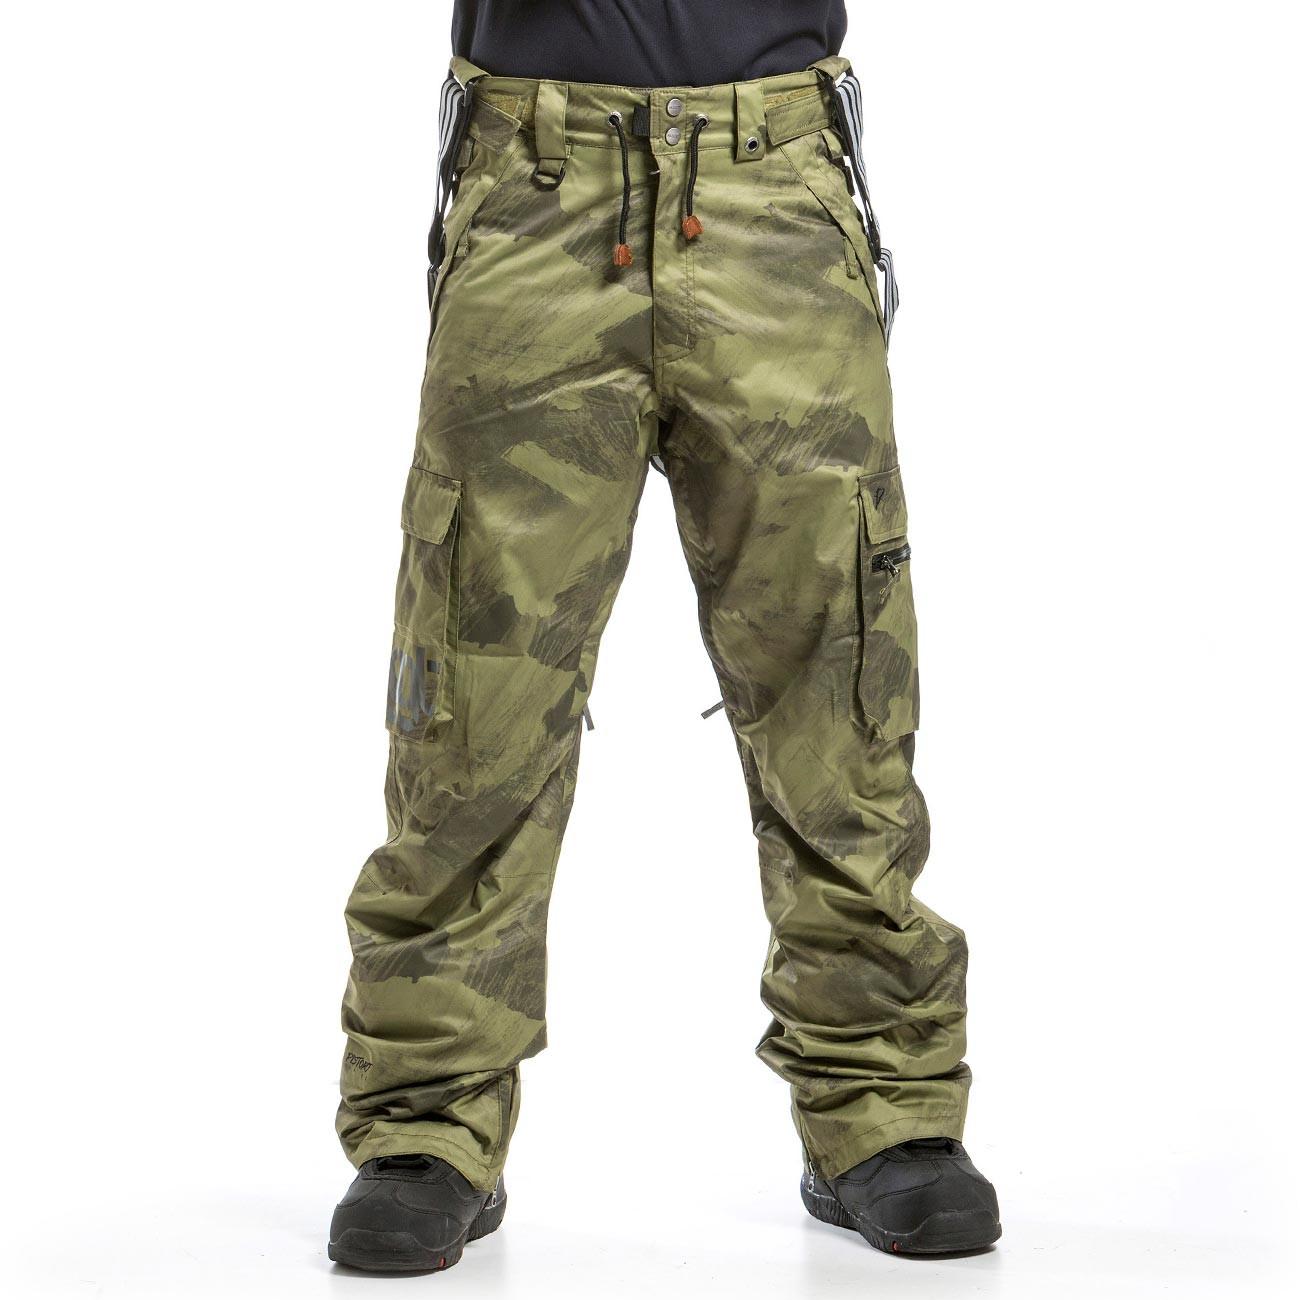 Kalhoty Nugget Dustoff 3 debris army print